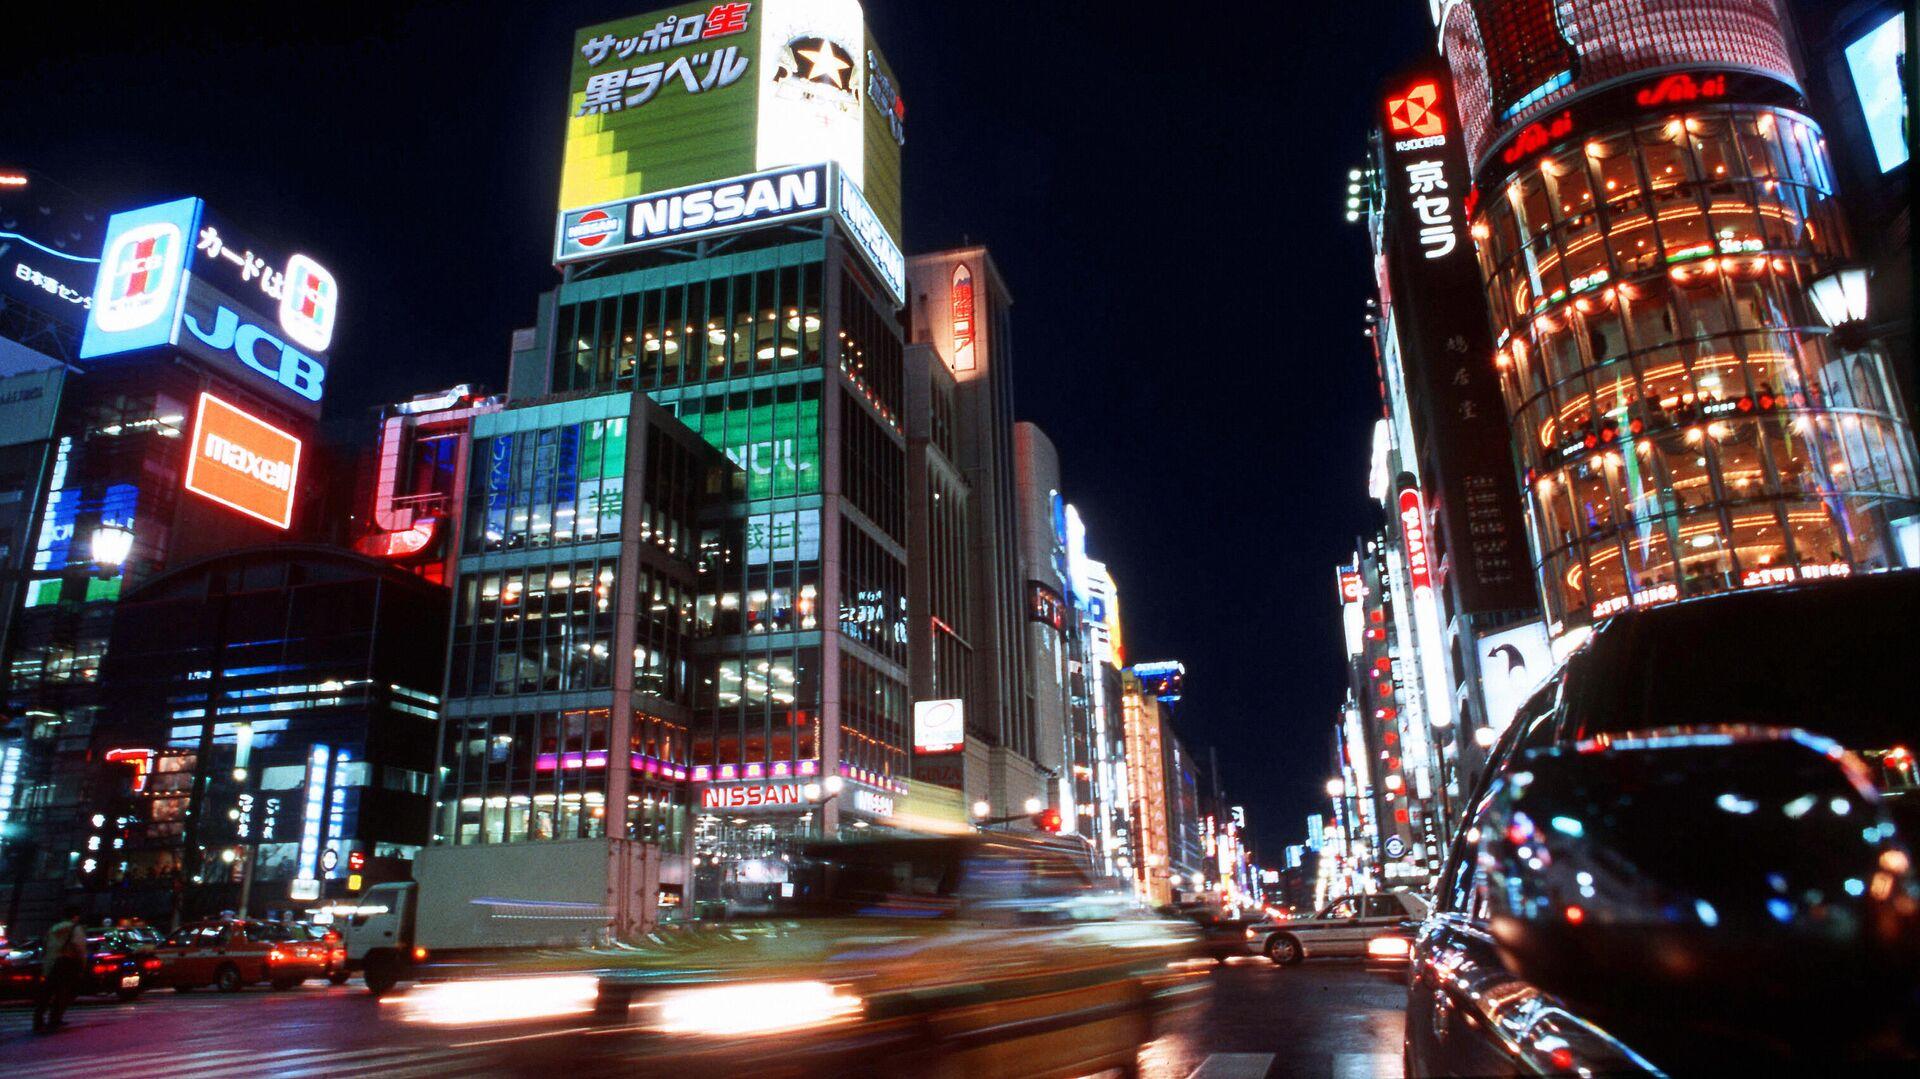 Гинза - центральная улица столицы Японии города Токио в 1998 году - Sputnik Беларусь, 1920, 07.10.2021